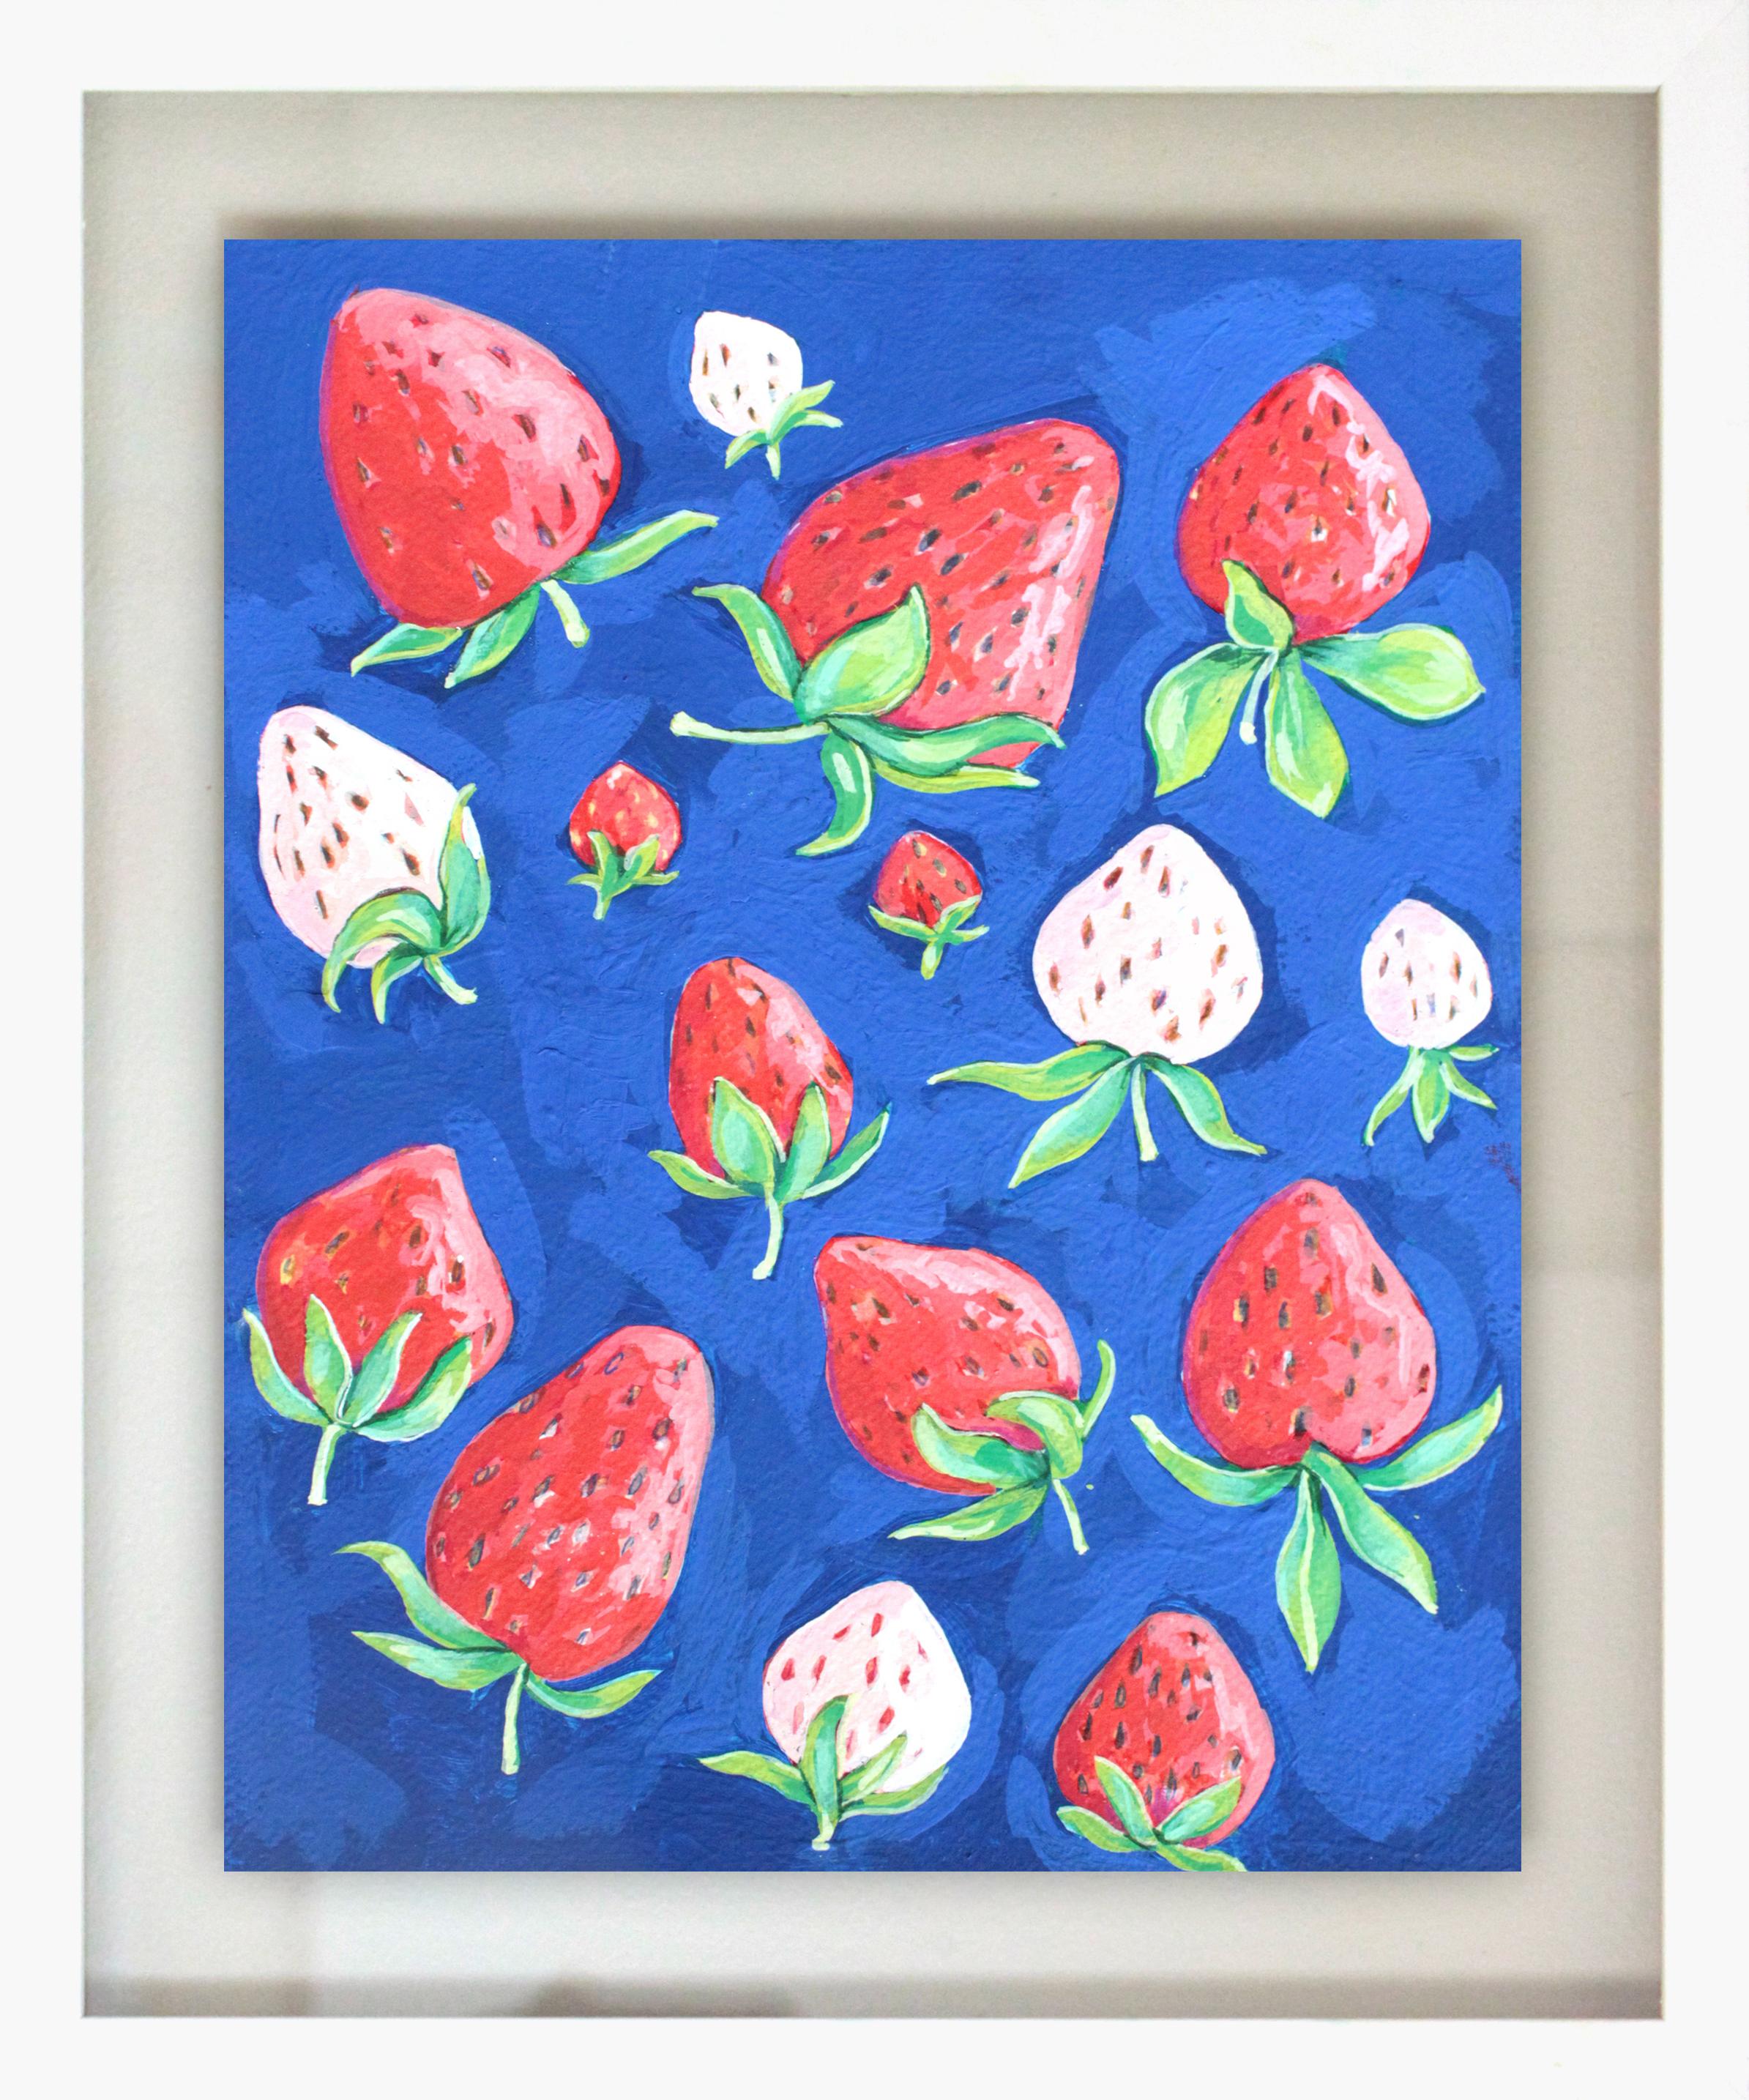 """Wild Berry Jam - 18.5"""" x 15.5"""" gouache on paper, framedSOLD"""